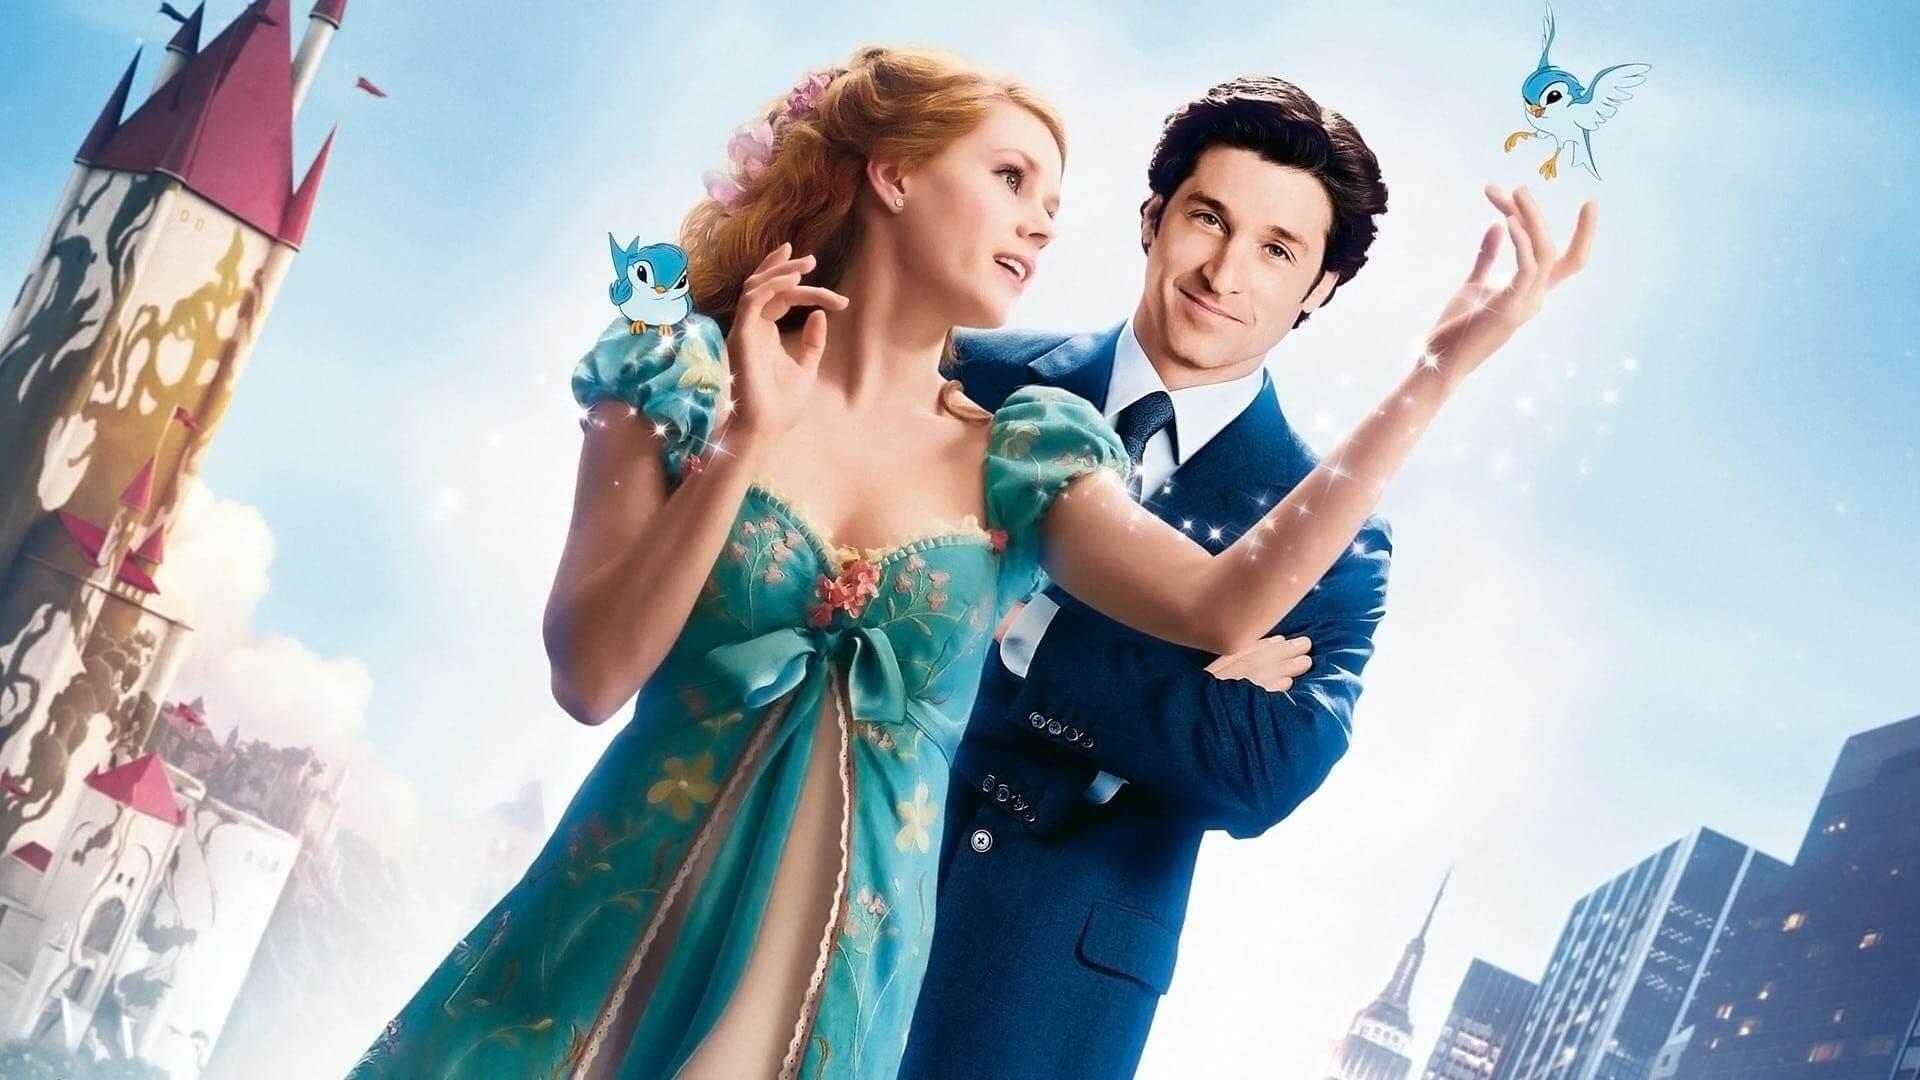 Come d'incanto 2: prima foto di Amy Adams dal set del sequel del film cult Disney